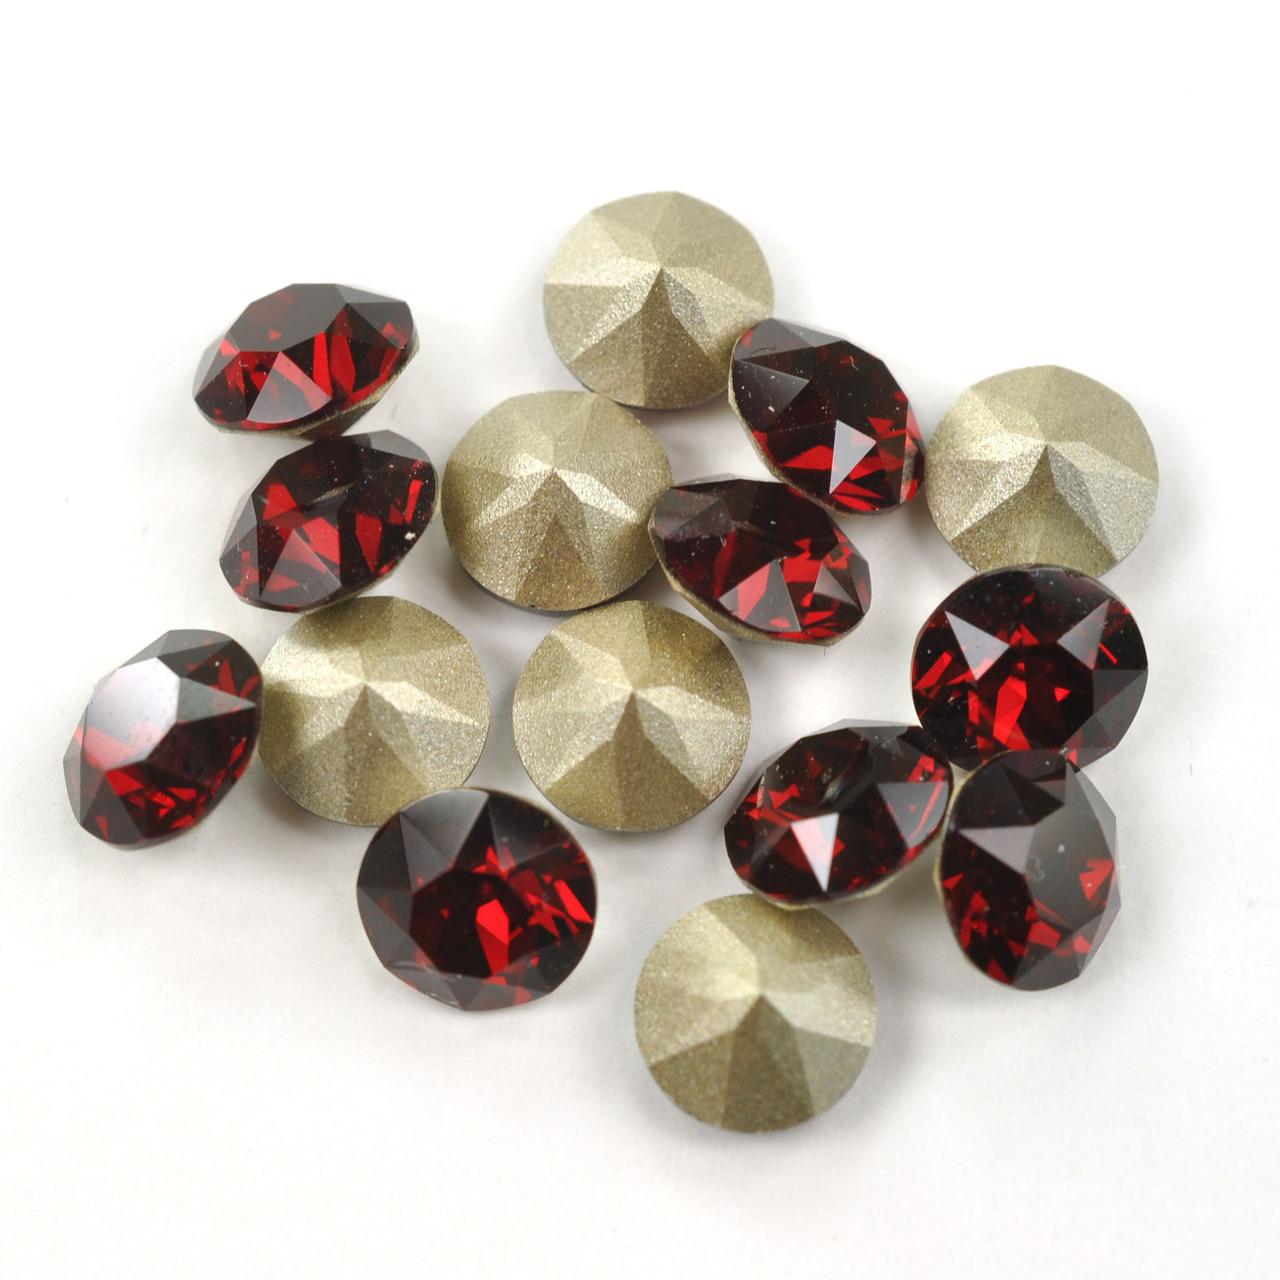 Swarovski Elements, Xirius Chaton 1088 PP14, Siam 2mm 10 buc